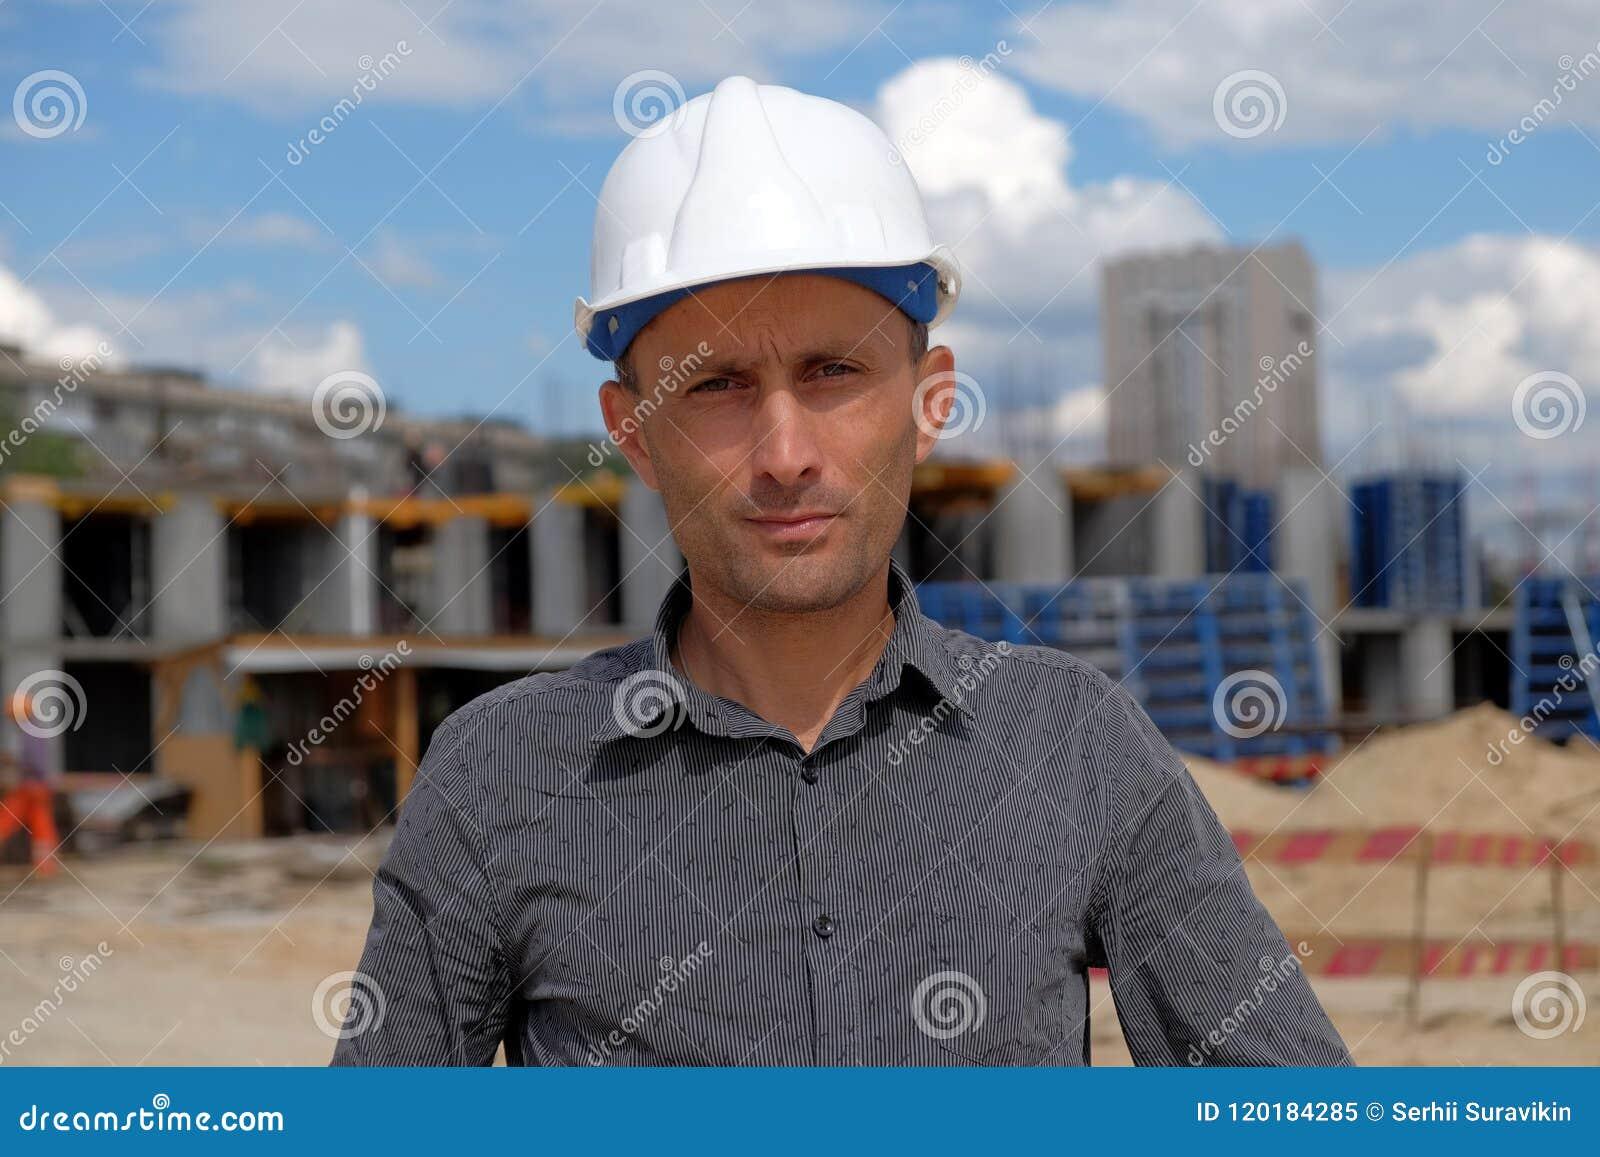 Le portrait de l agent de maîtrise dans le casque blanc